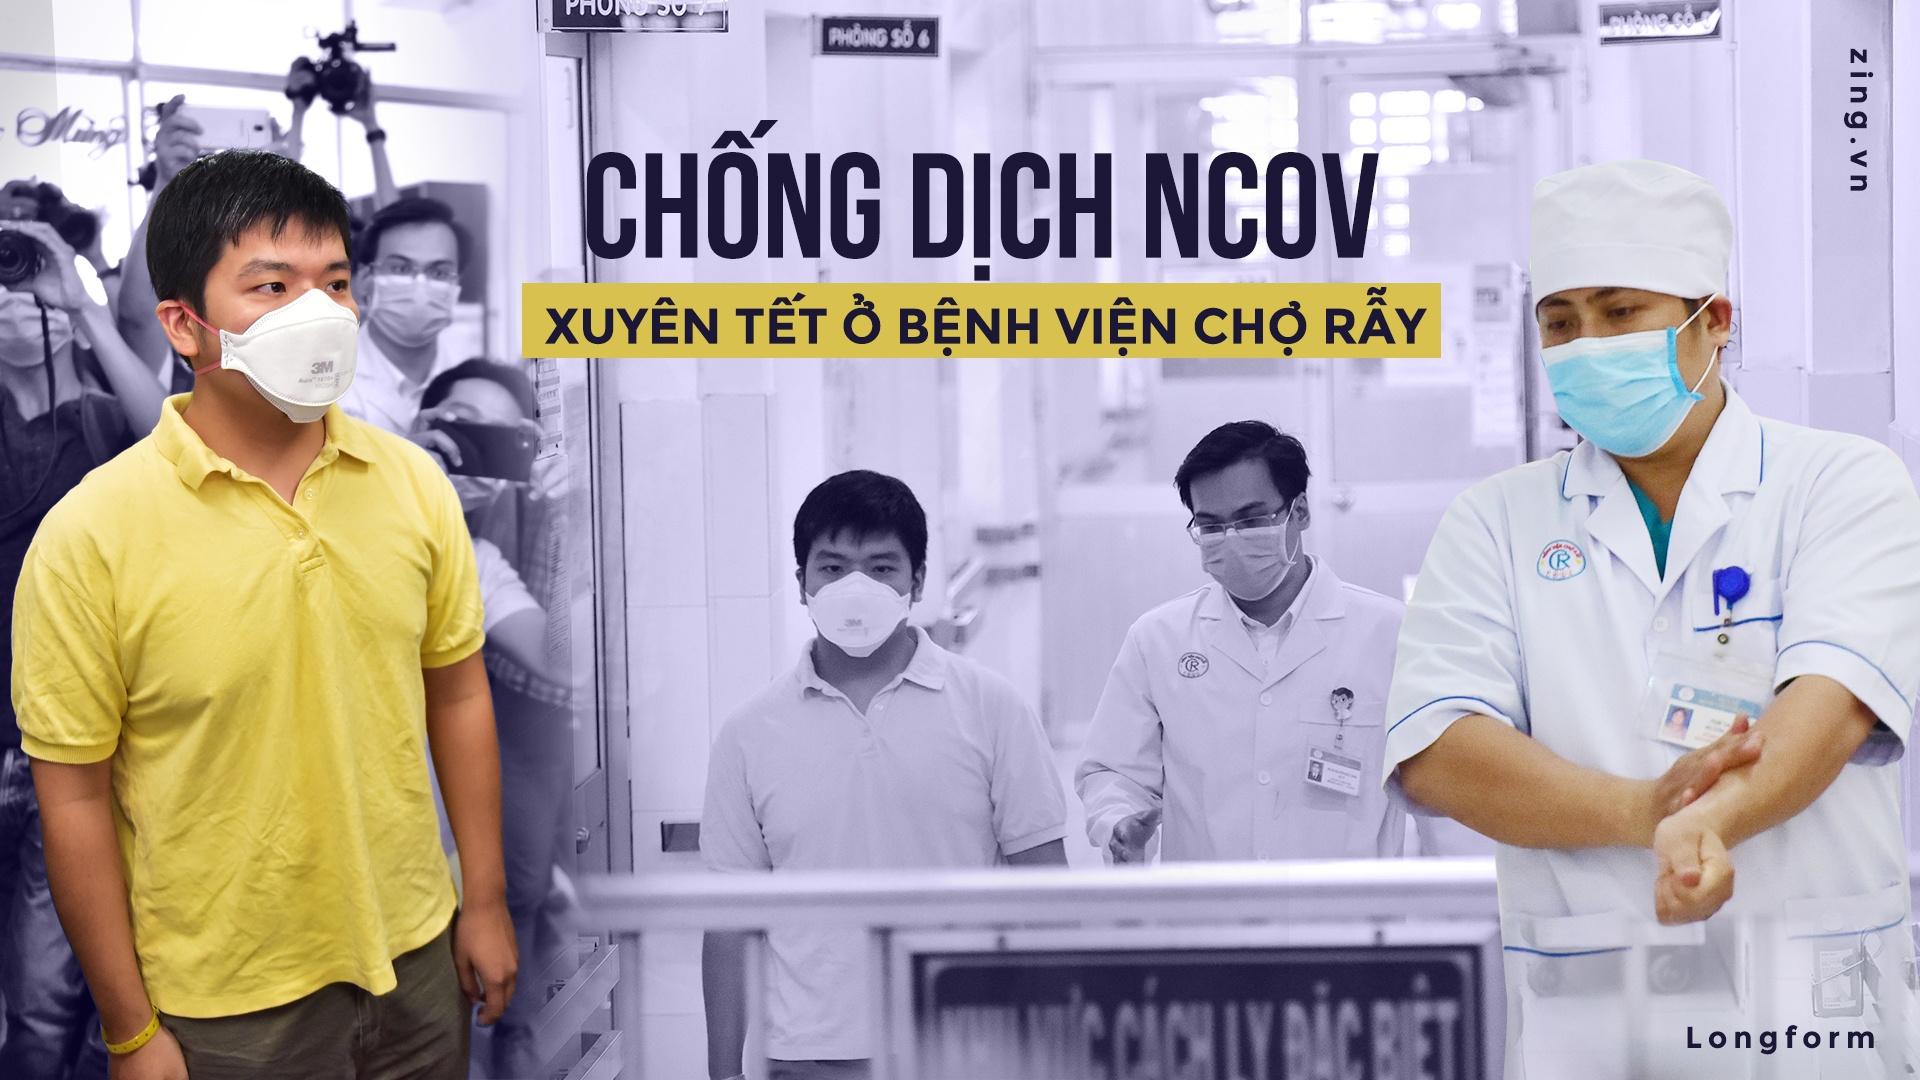 Chong dich nCoV Benh vien Cho Ray anh 1